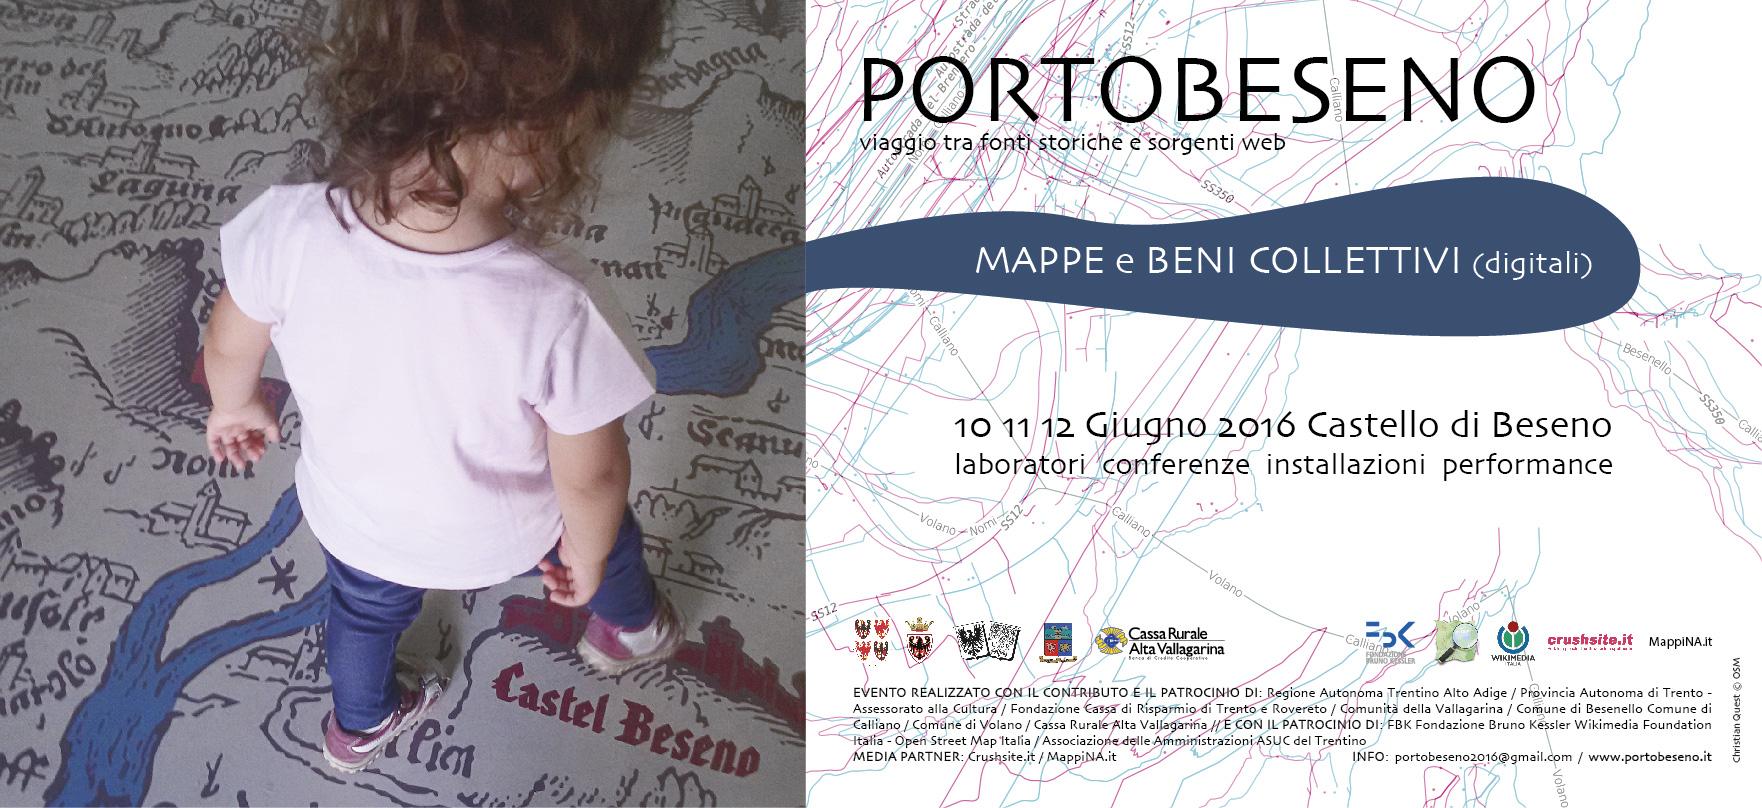 Mappe e beni collettivi (digitali) a Portobeseno 2016